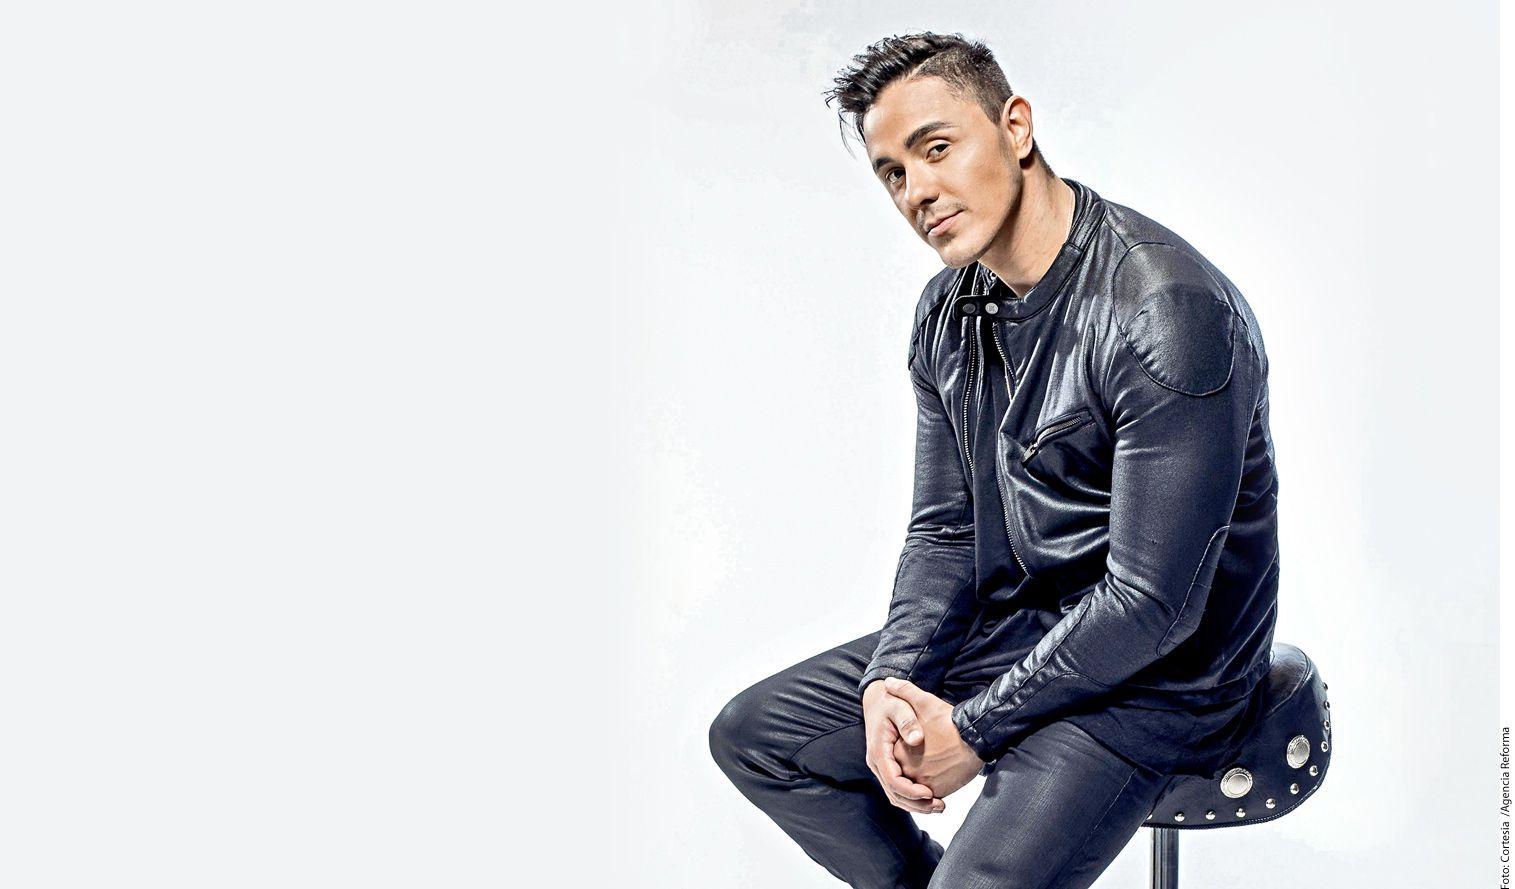 Joey Montana adelantó en entrevista que el éxito de su controvertida canción ya lo ha hecho también que suene en Francia, Rumania, Japón y Australia. /AGENCIA REFORMA